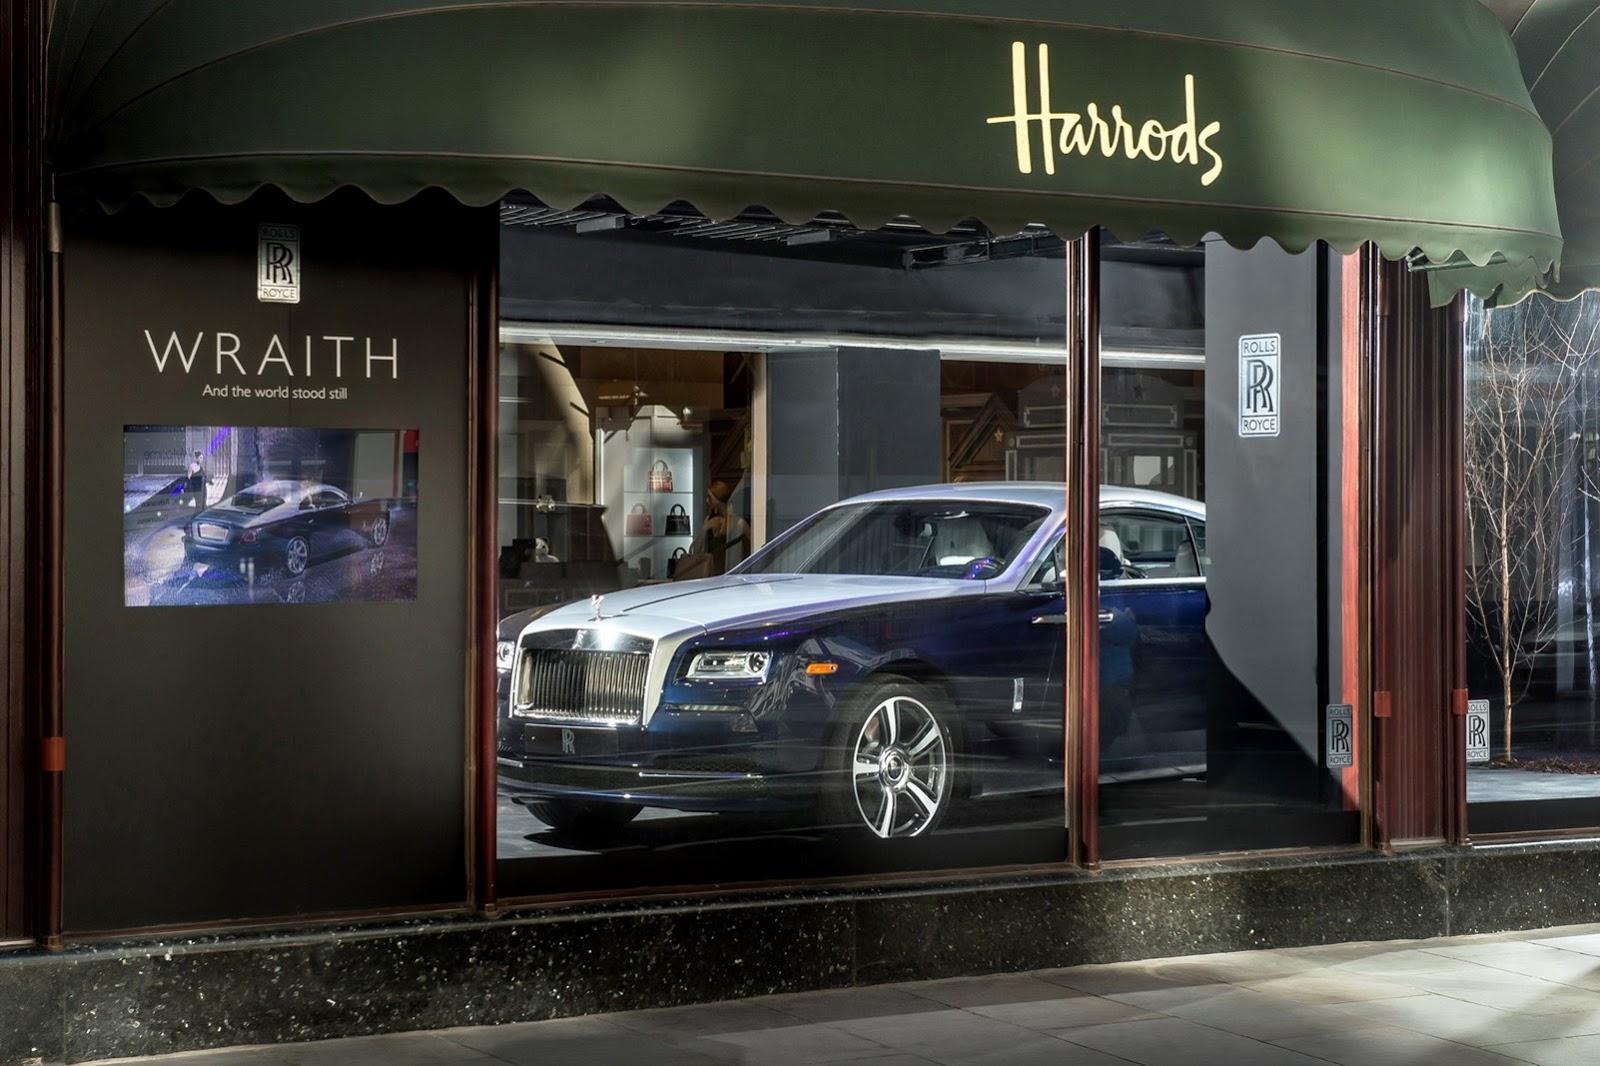 2013 - [Rolls Royce] Wraith - Page 6 RR-Wraith-Harrods-1%25255B3%25255D